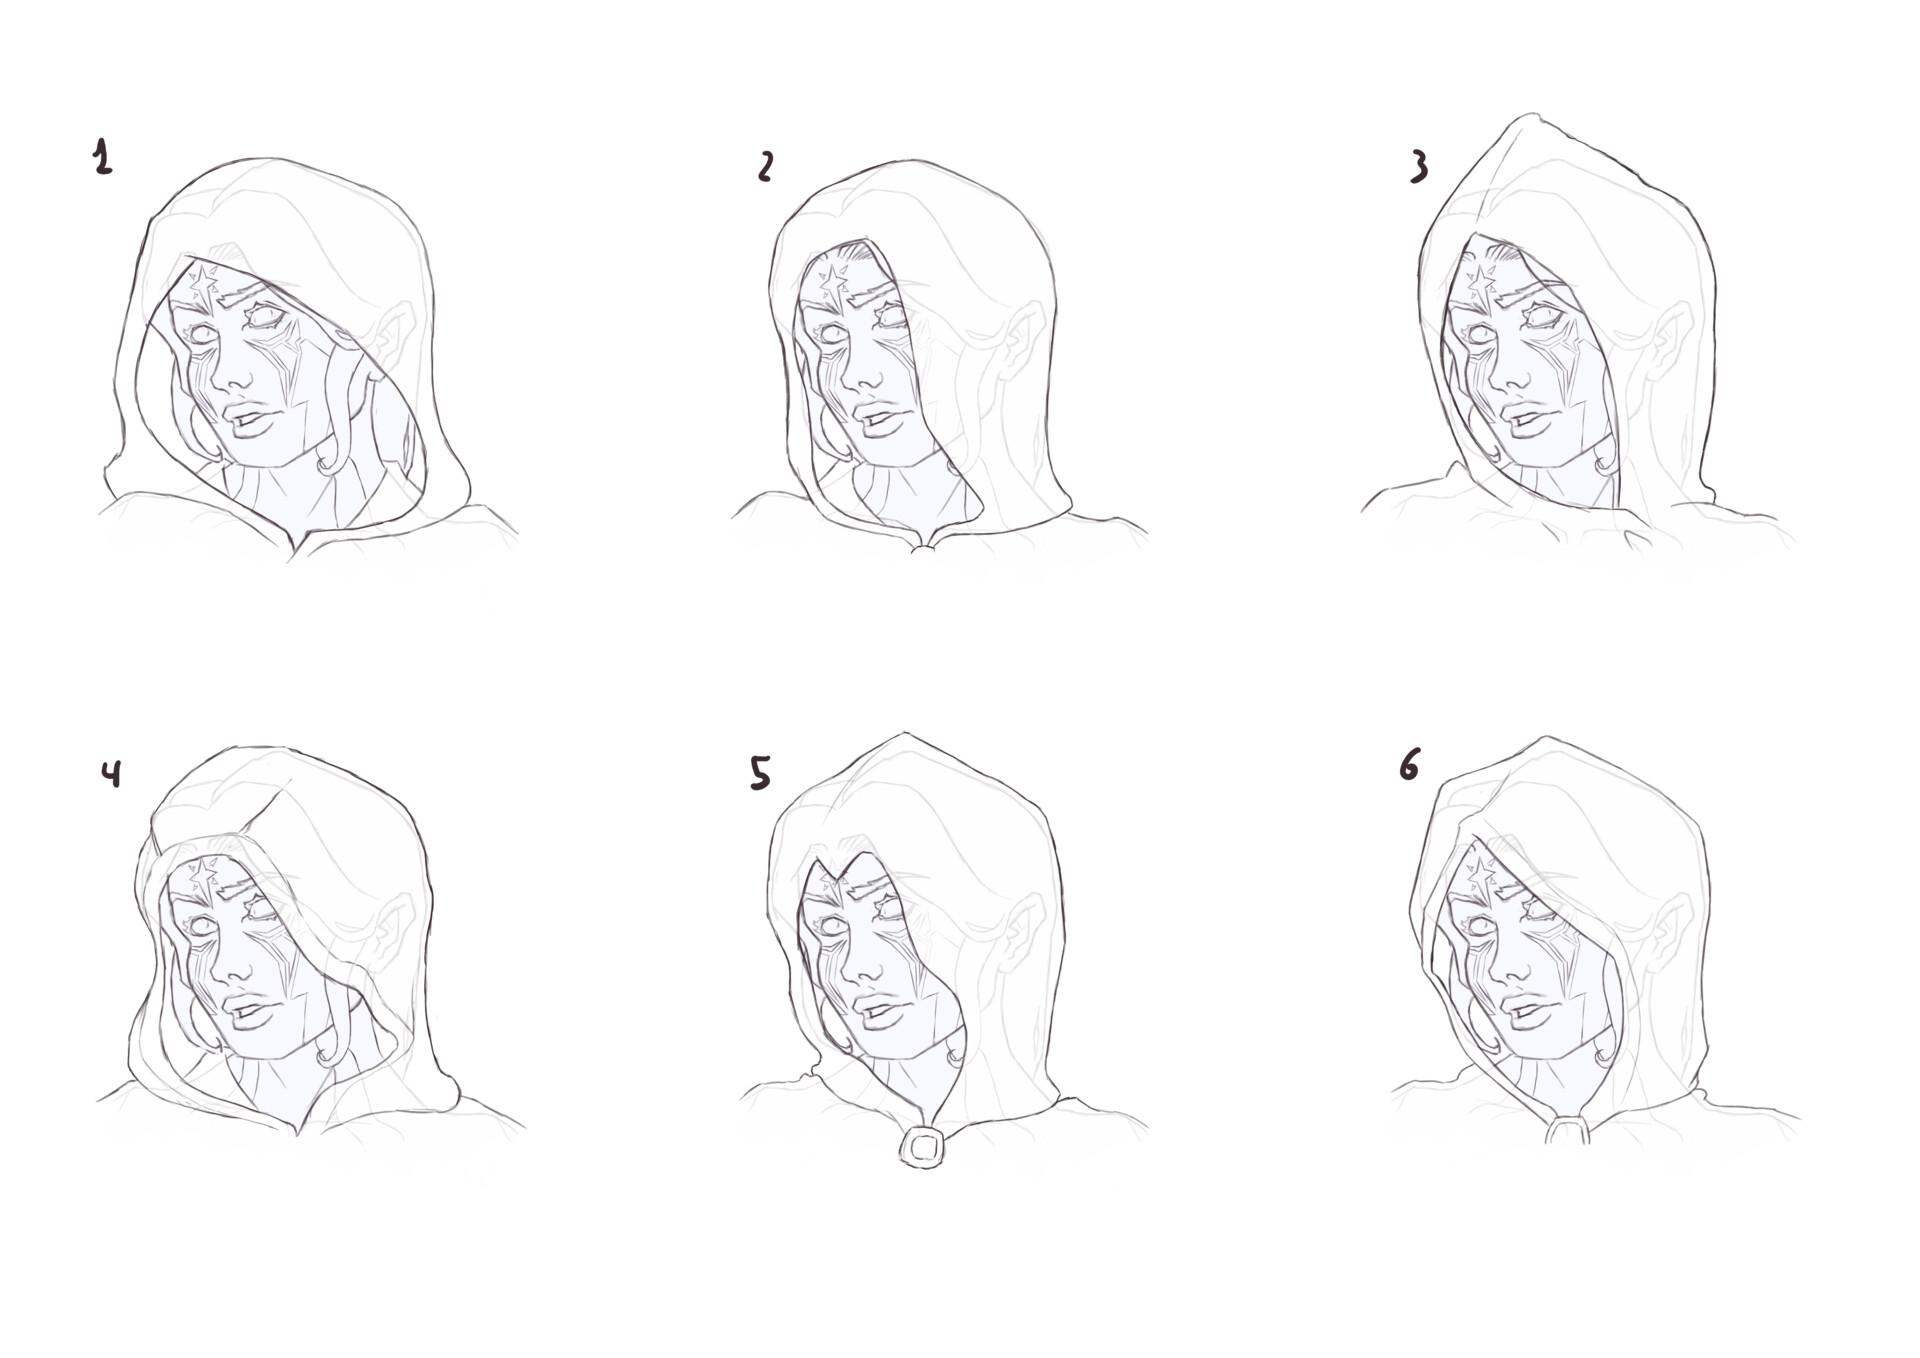 Hoods sketches